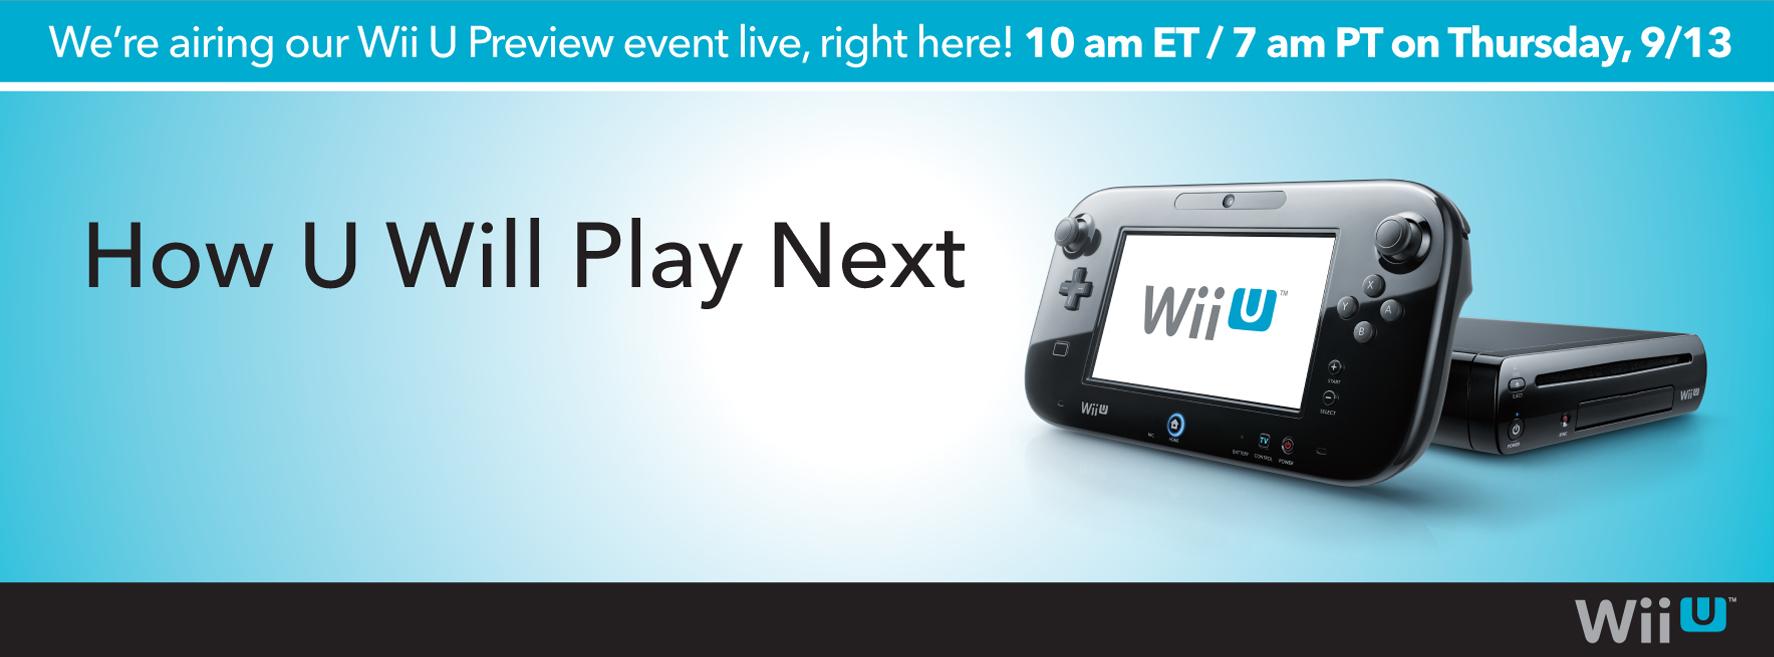 Todo sobre la conferencia de Nintendo del Wii U